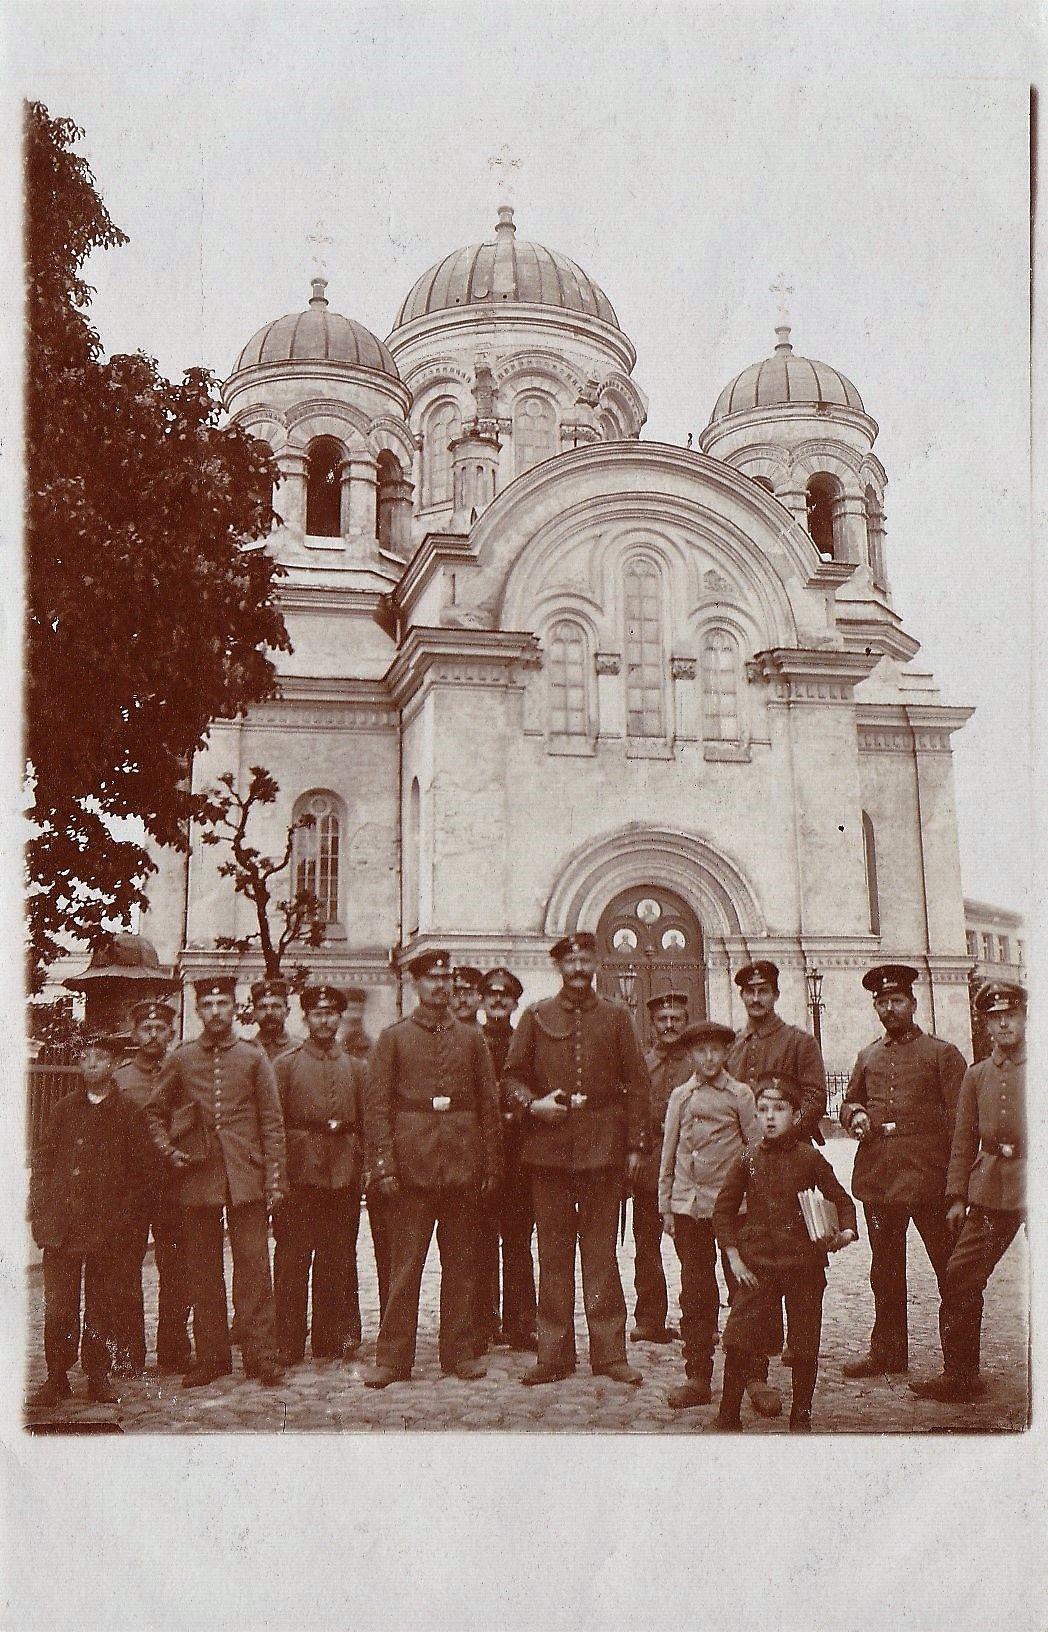 Cerkiew św. Apostołów Piotra i Pawła rozebrana w 1927 roku – Przewodnik po starym Kaliszu